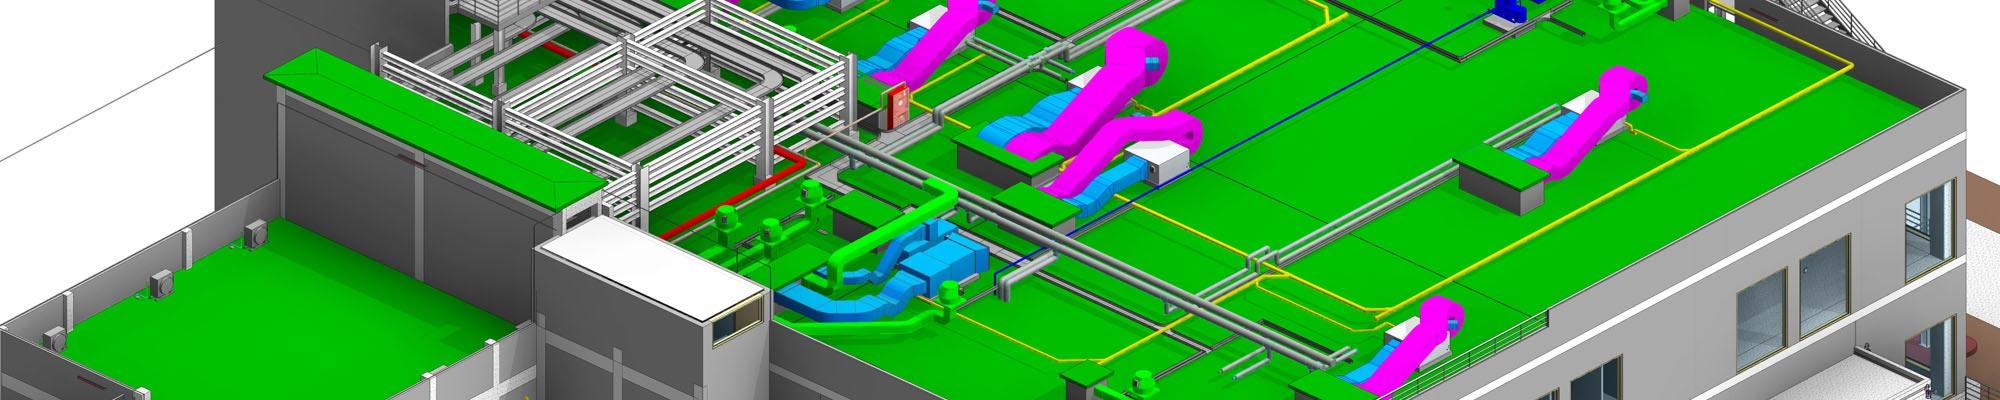 Revit Architectural 3D Modeling